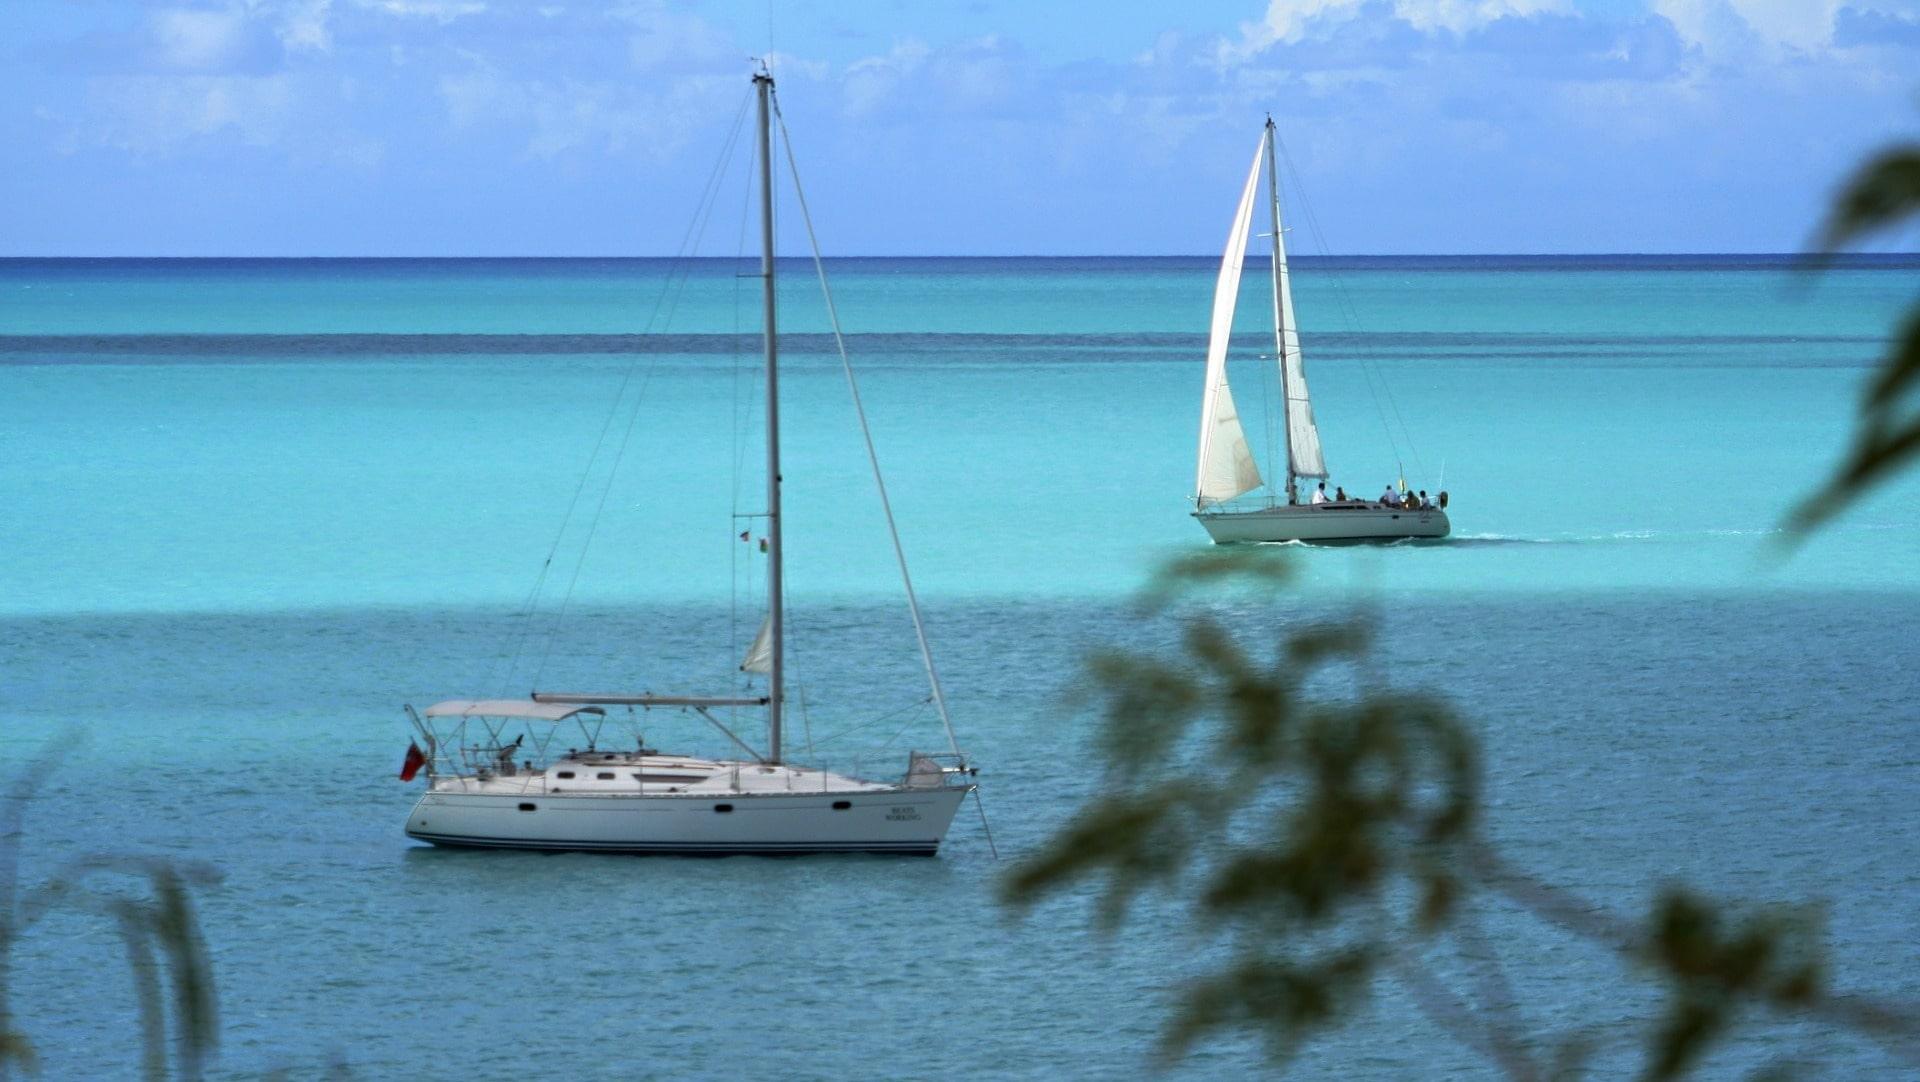 Bein Hand gegen Koje kann man günstig in der Karibik mitsegeln